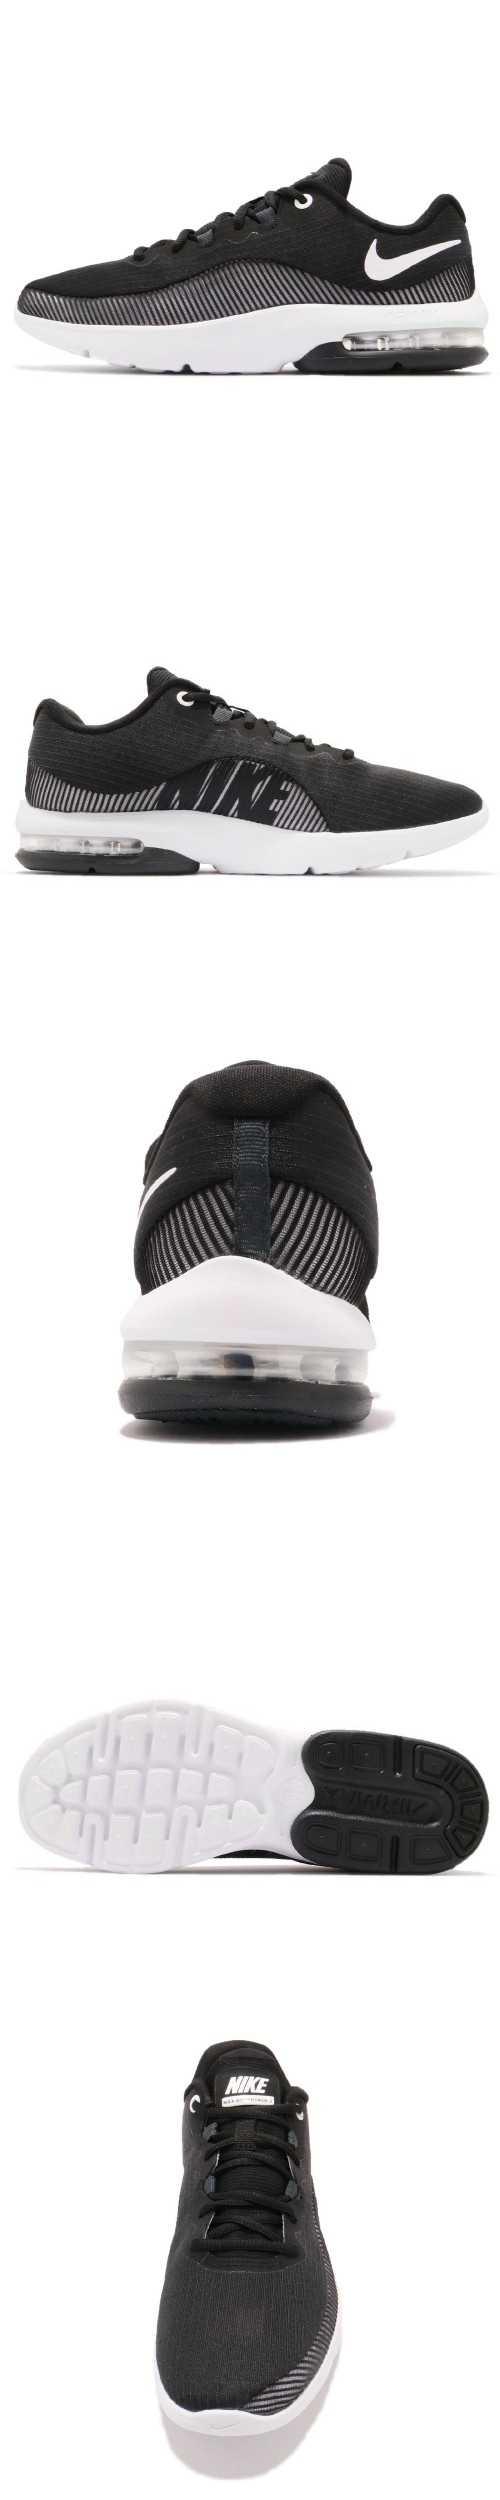 Nike Air Max Advantage 男鞋